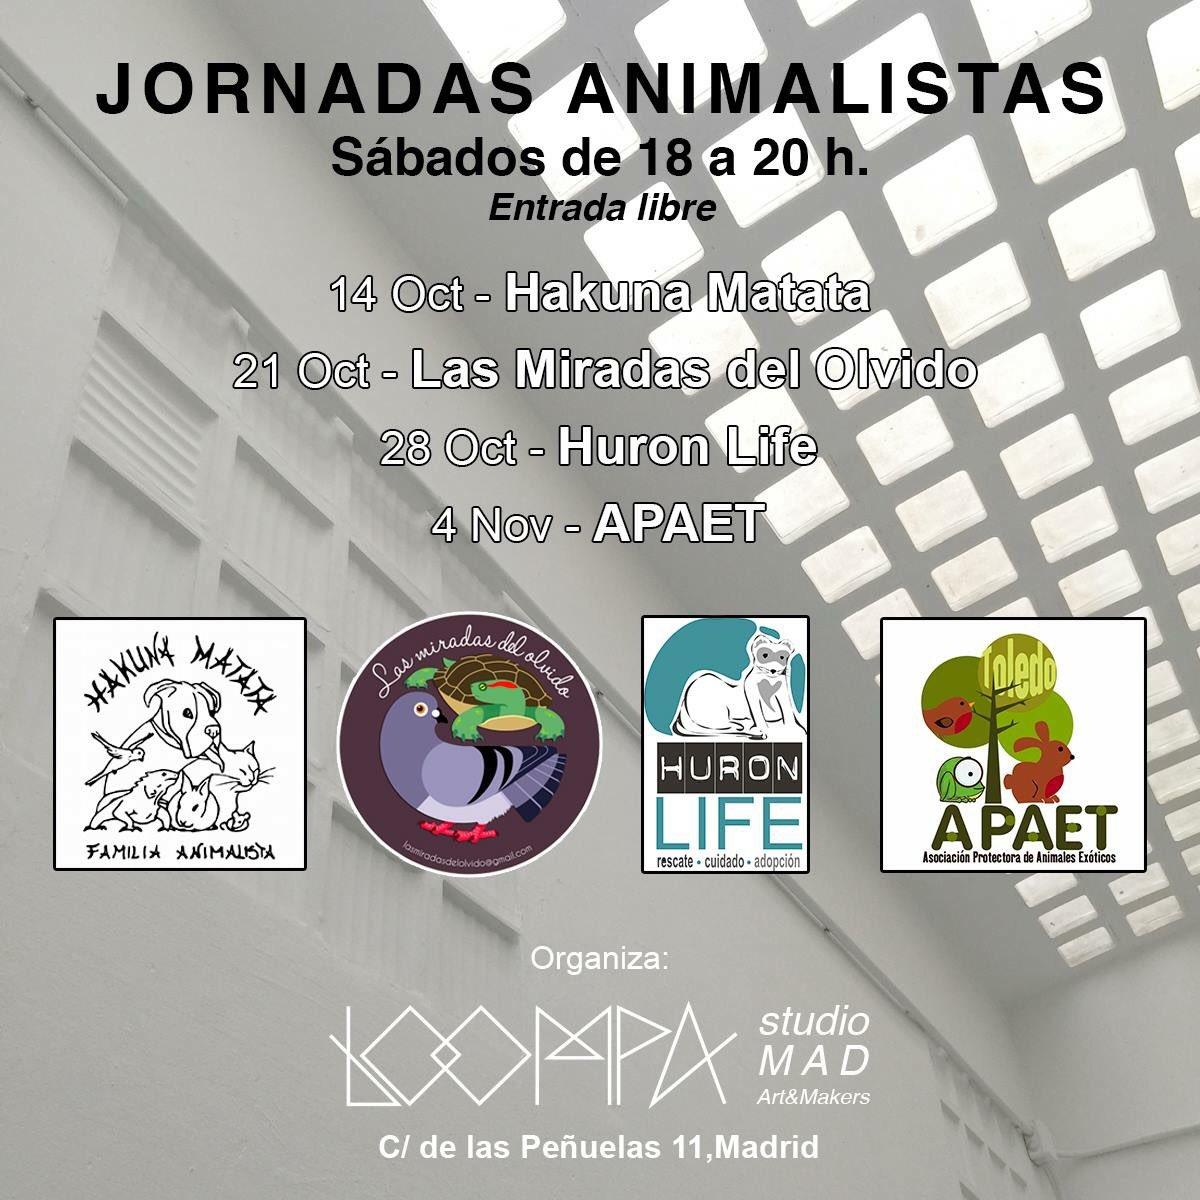 Exposición y jornadas animalistas en Loompa Studio